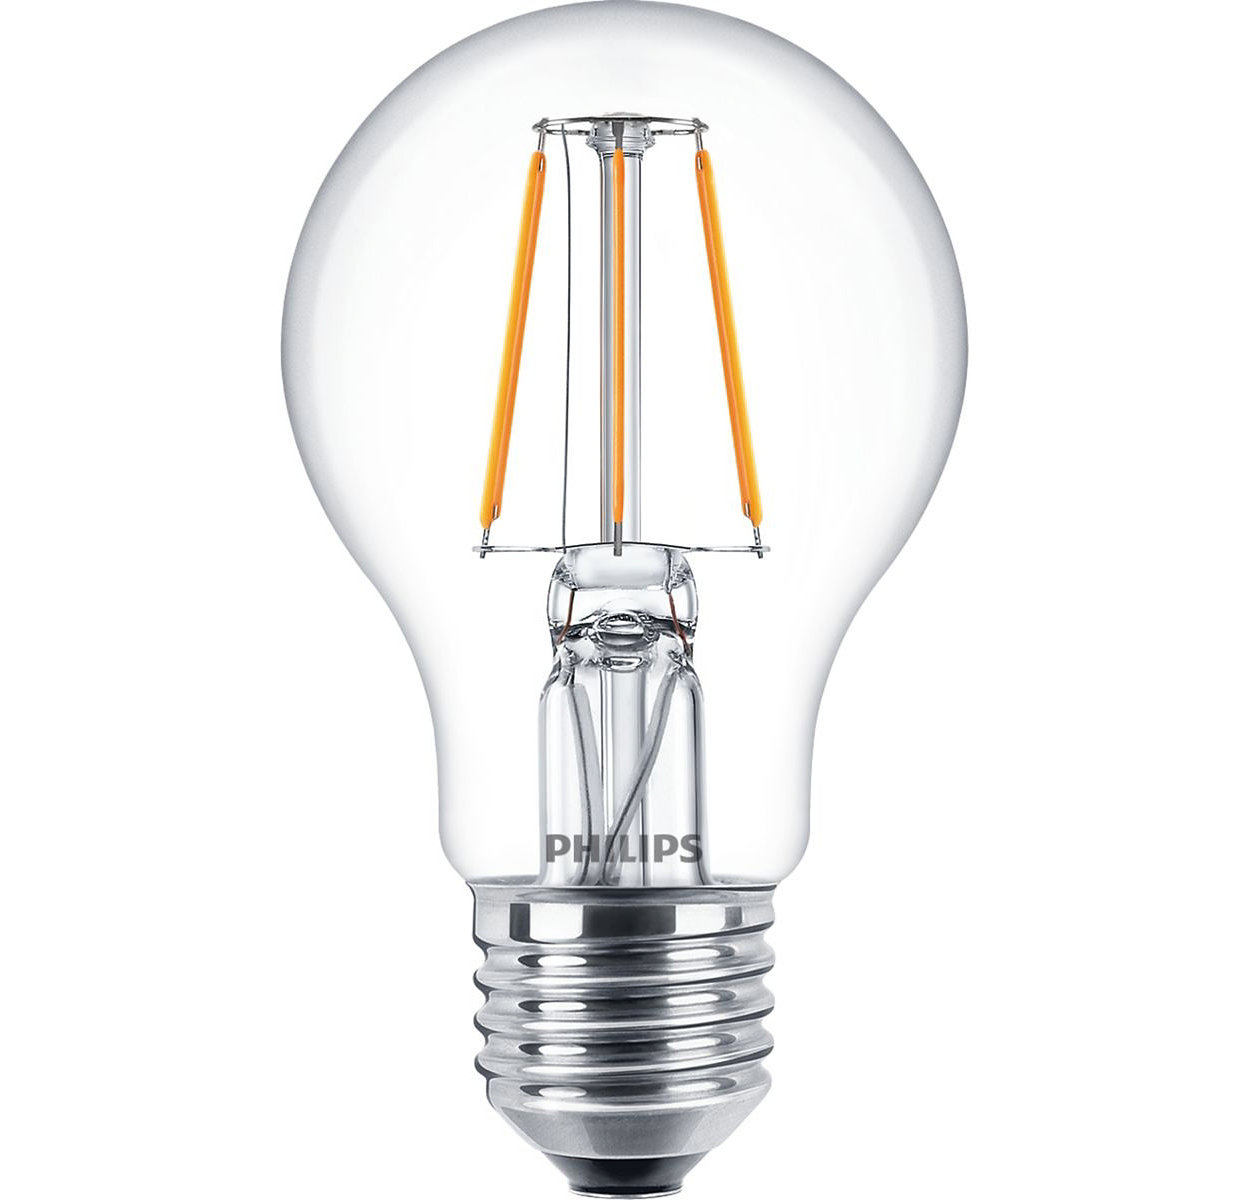 Ampoules LED classiques pour éclairage décoratif